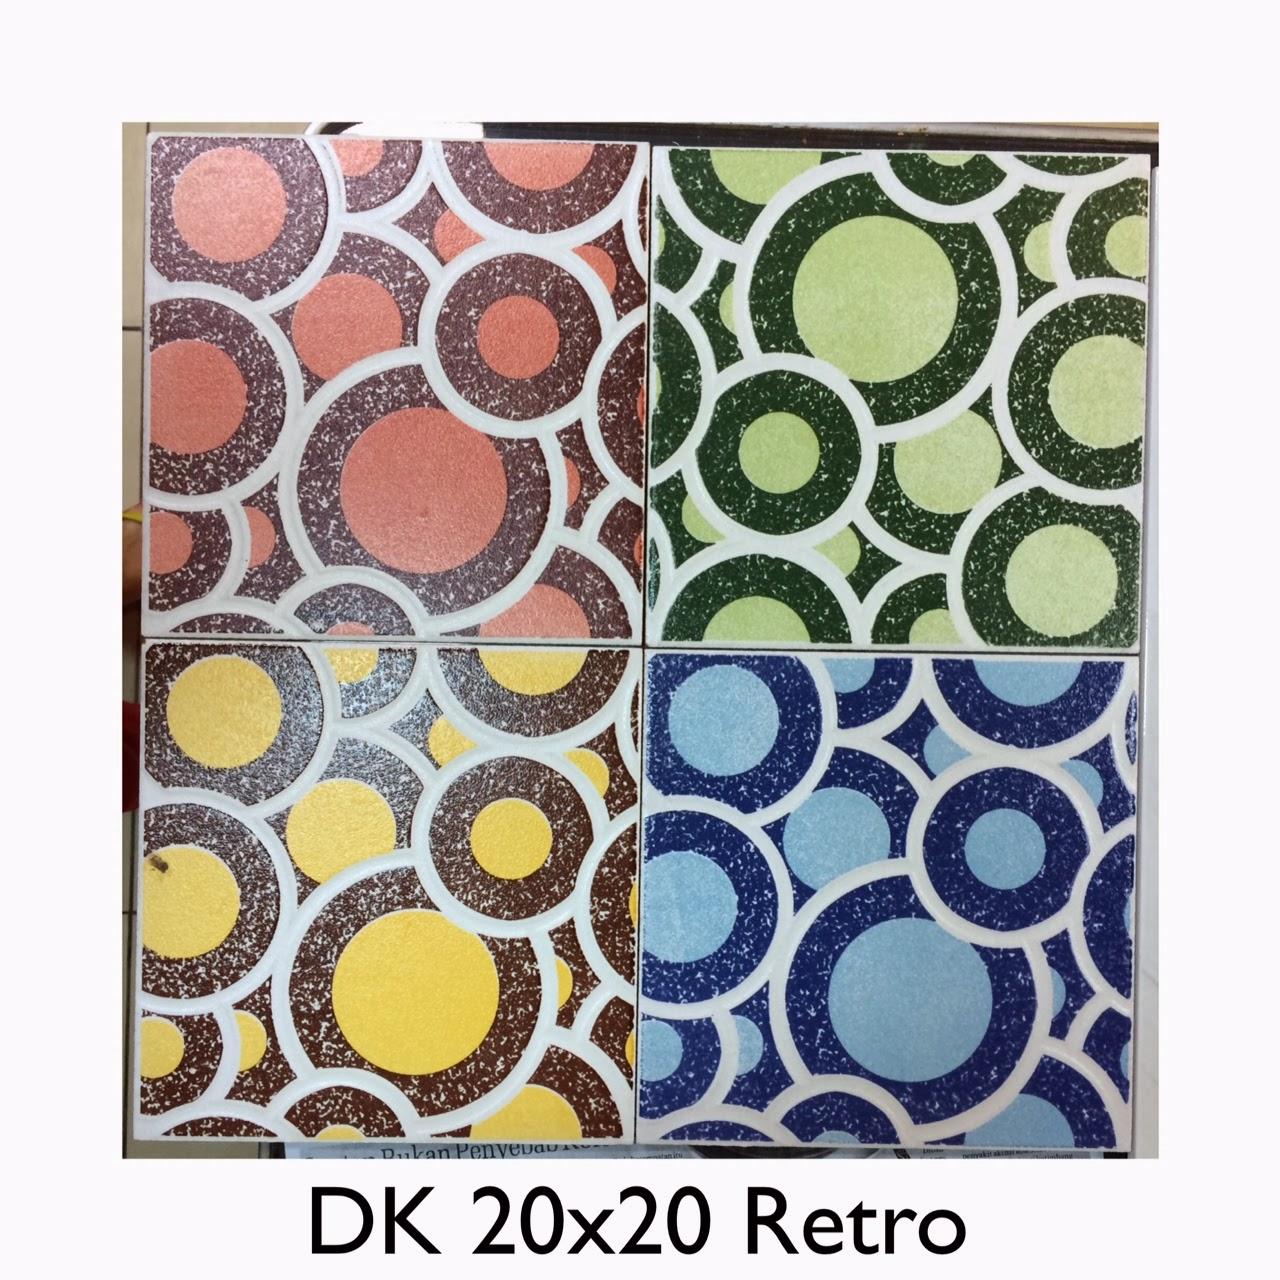 DK 20x20 Retro